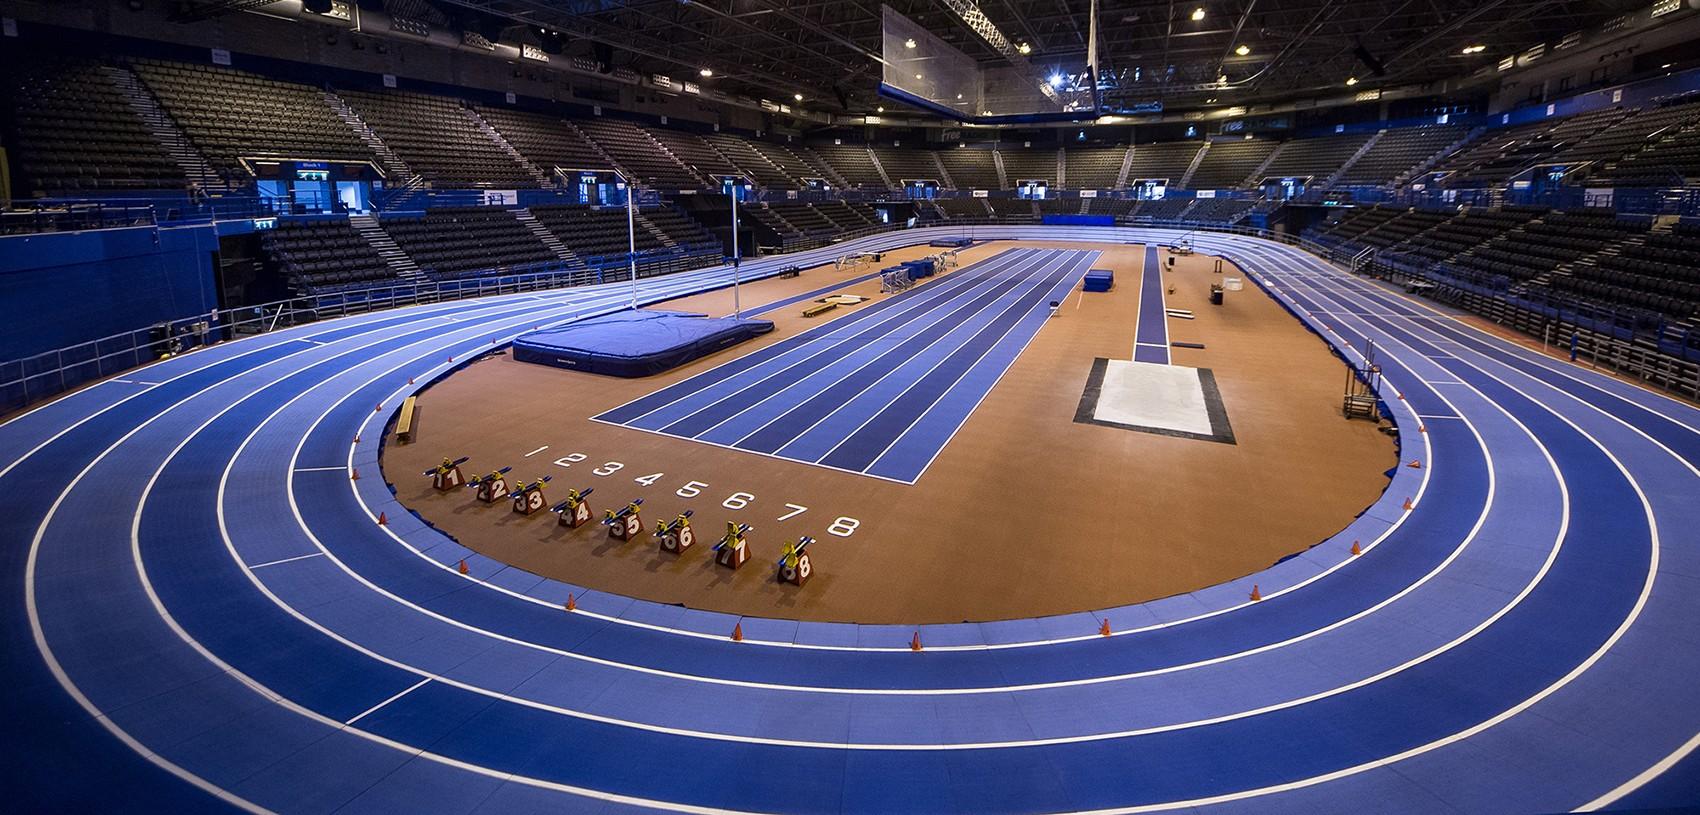 Pista de atletismo del Emirates Arena de Birmingham, donde se disputará el Campeonato del Mundo de la IAAF.